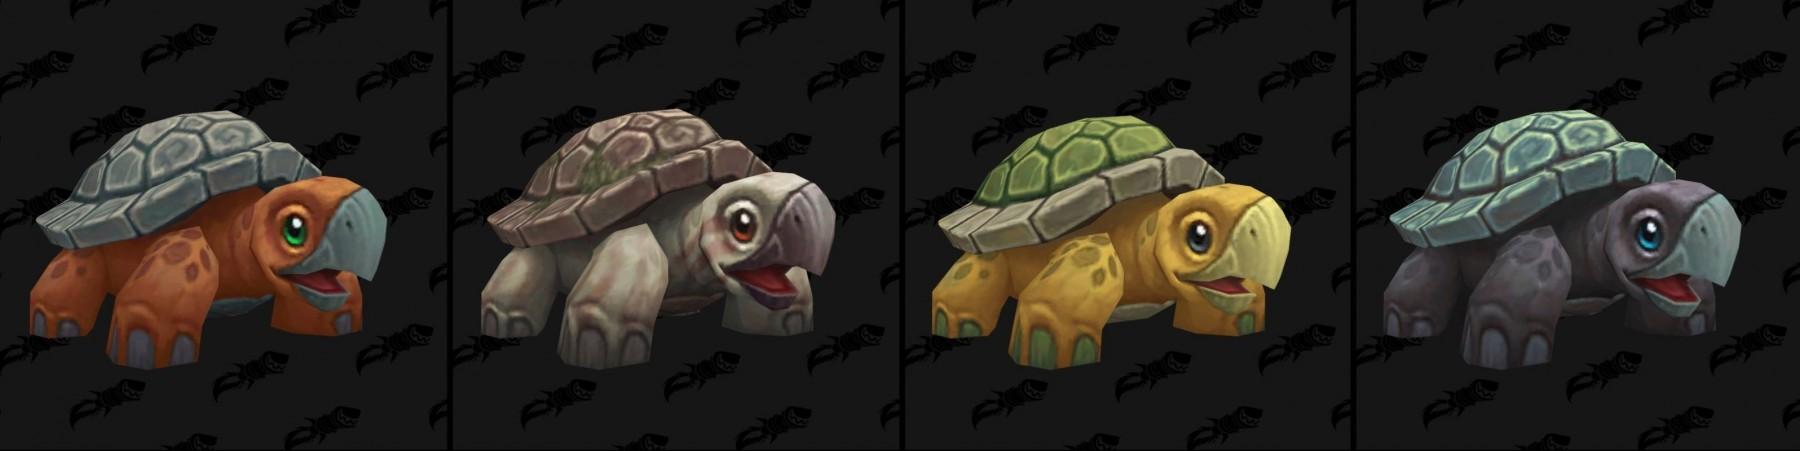 Les différents coloris des modèles de tortues - Battle for Azeroth